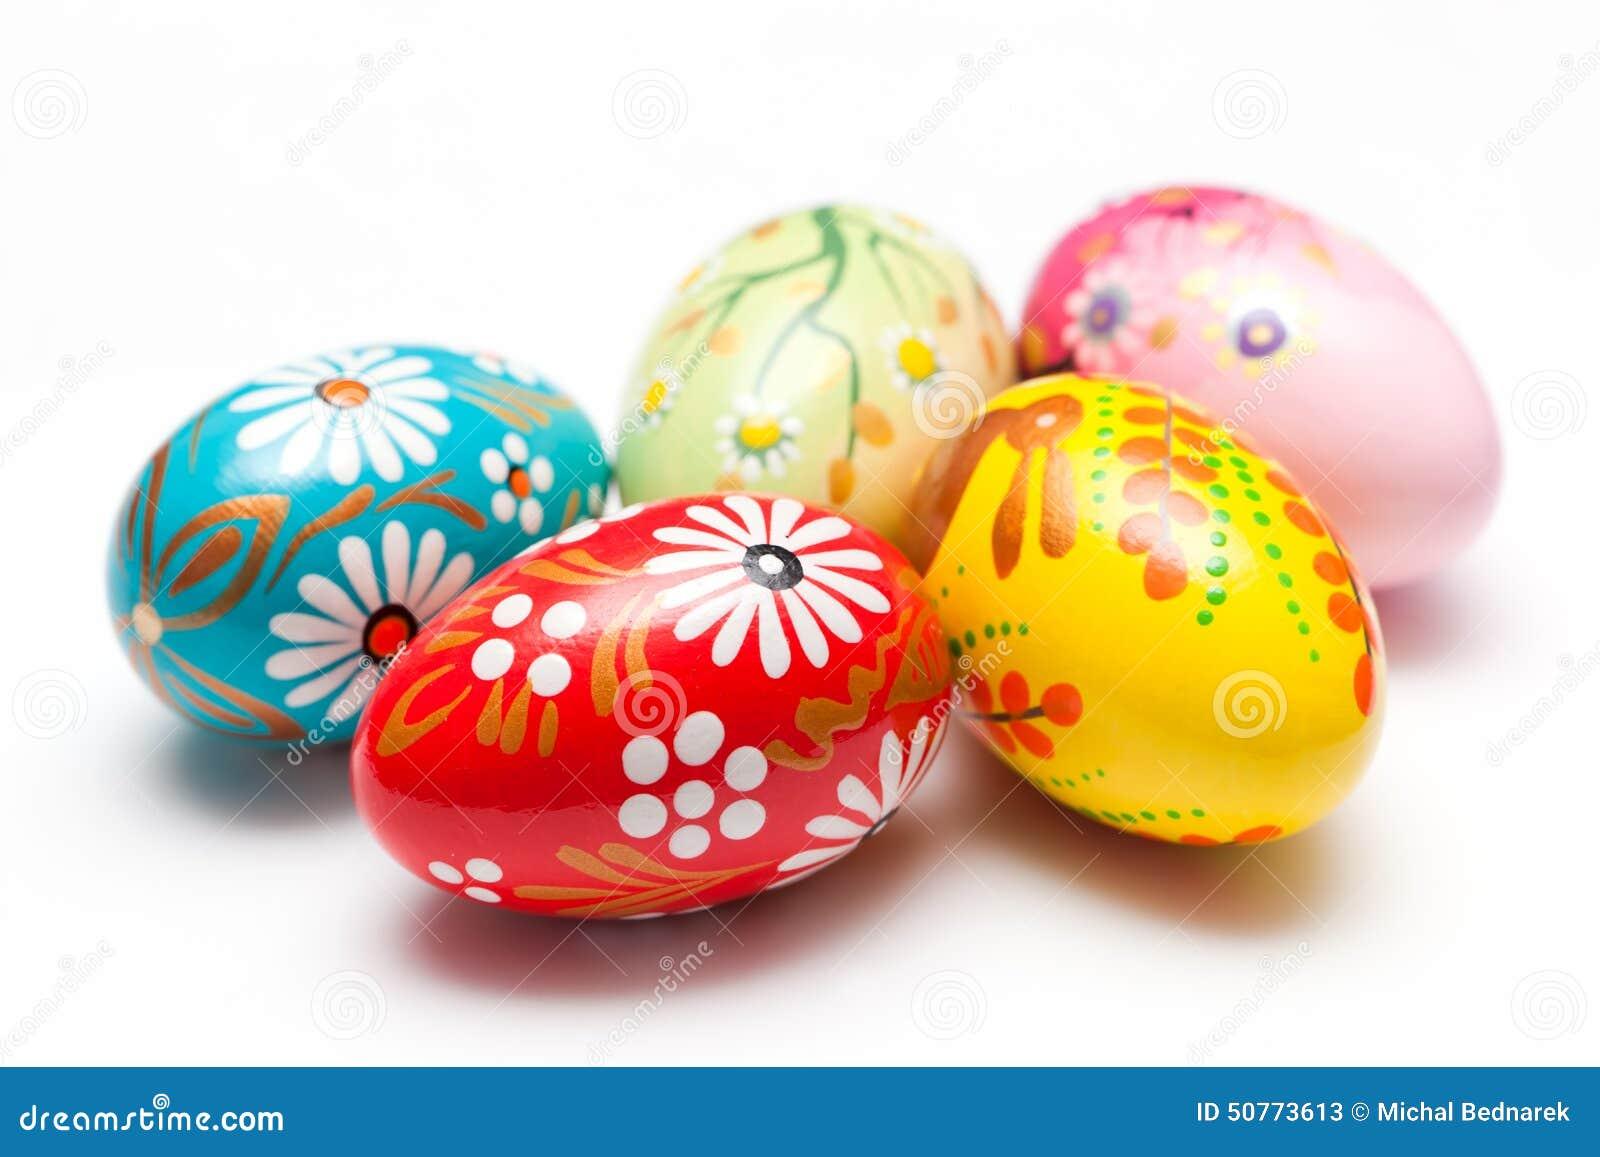 Uova di pasqua dipinte a mano su bianco la primavera - Uova di pasqua decorati a mano ...